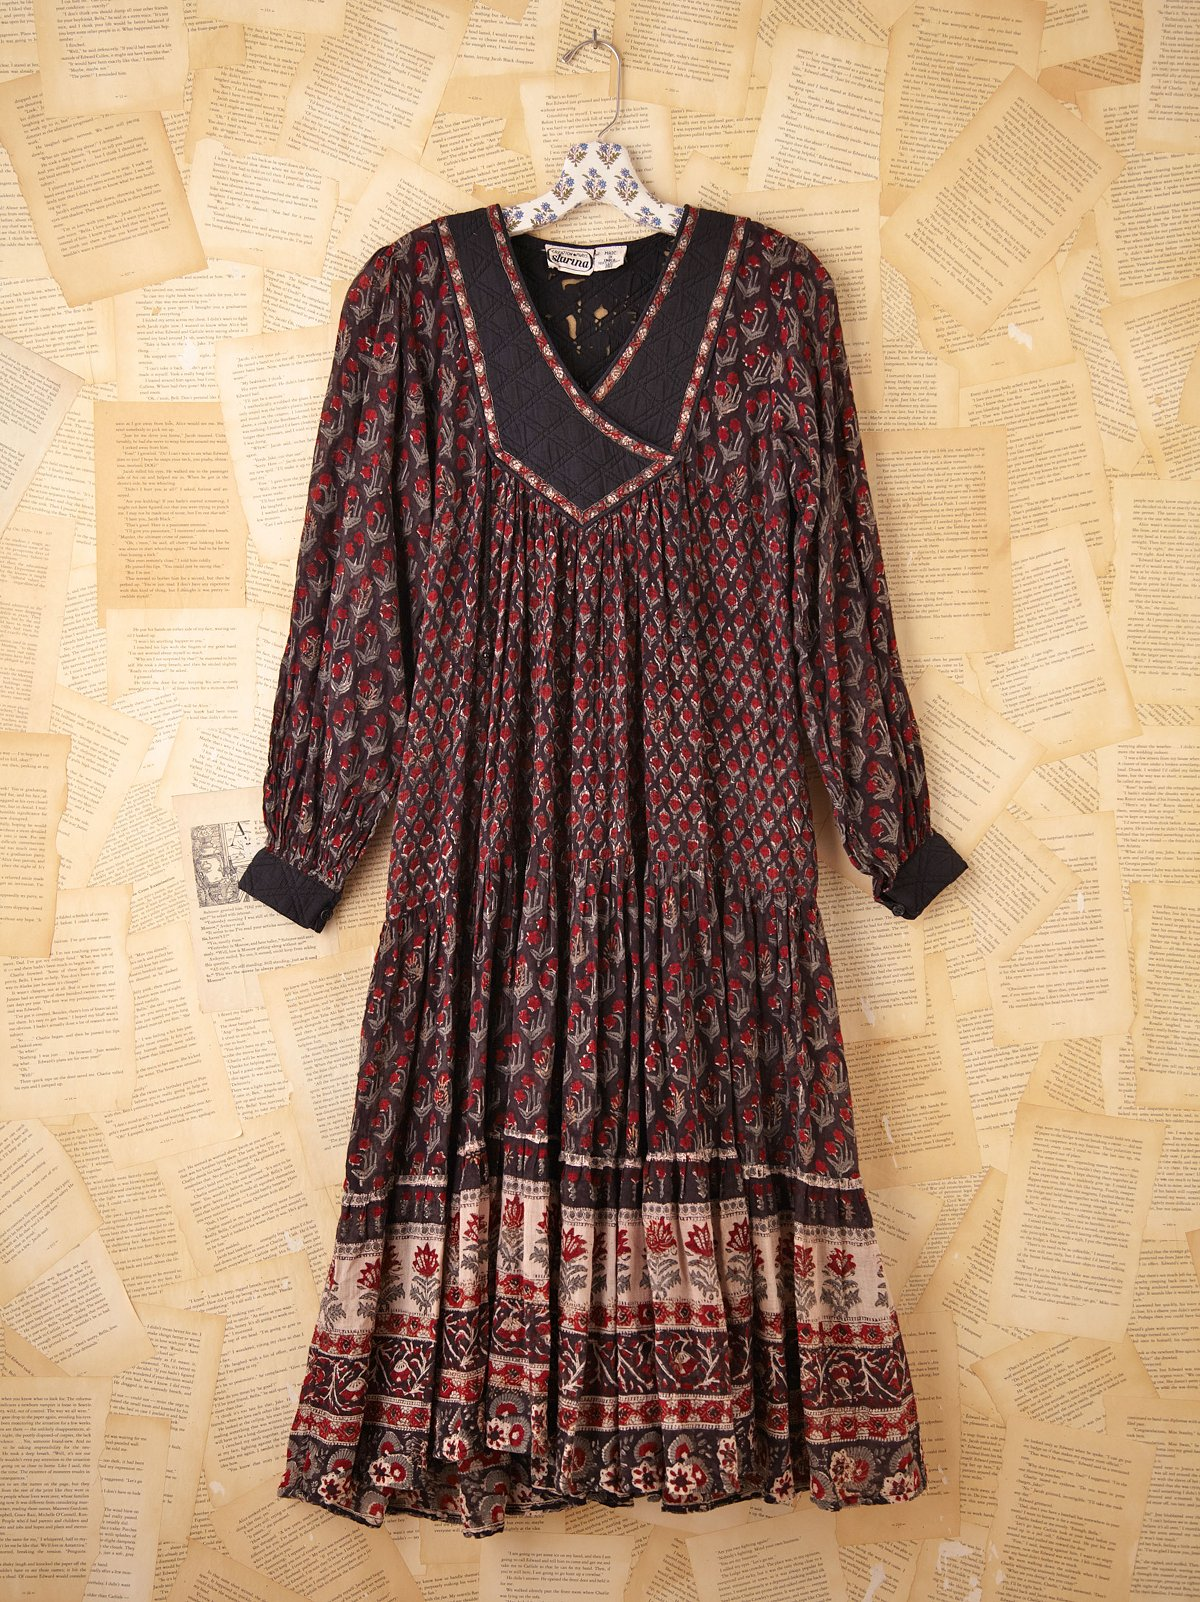 Vintage 1970s Indian Cotton Dress